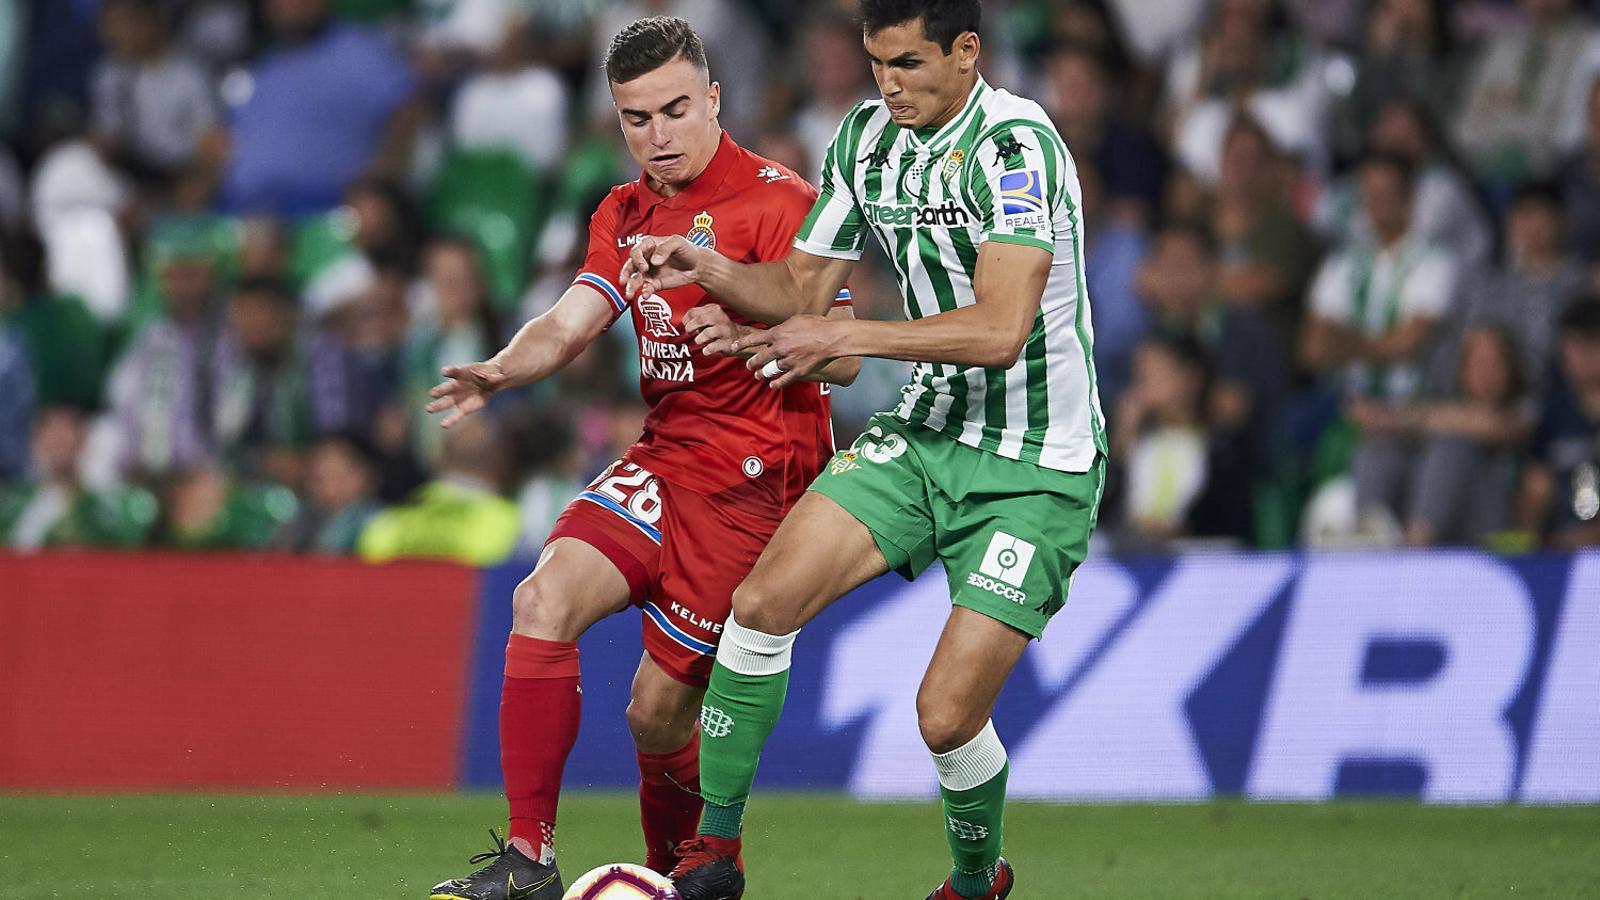 Adrià Pedrosa, de l'Espanyol, i Aïssa Mandi, del Betis, lluitant per la pilota durant l'enfrontament d'ahir al Benito Villamarín.